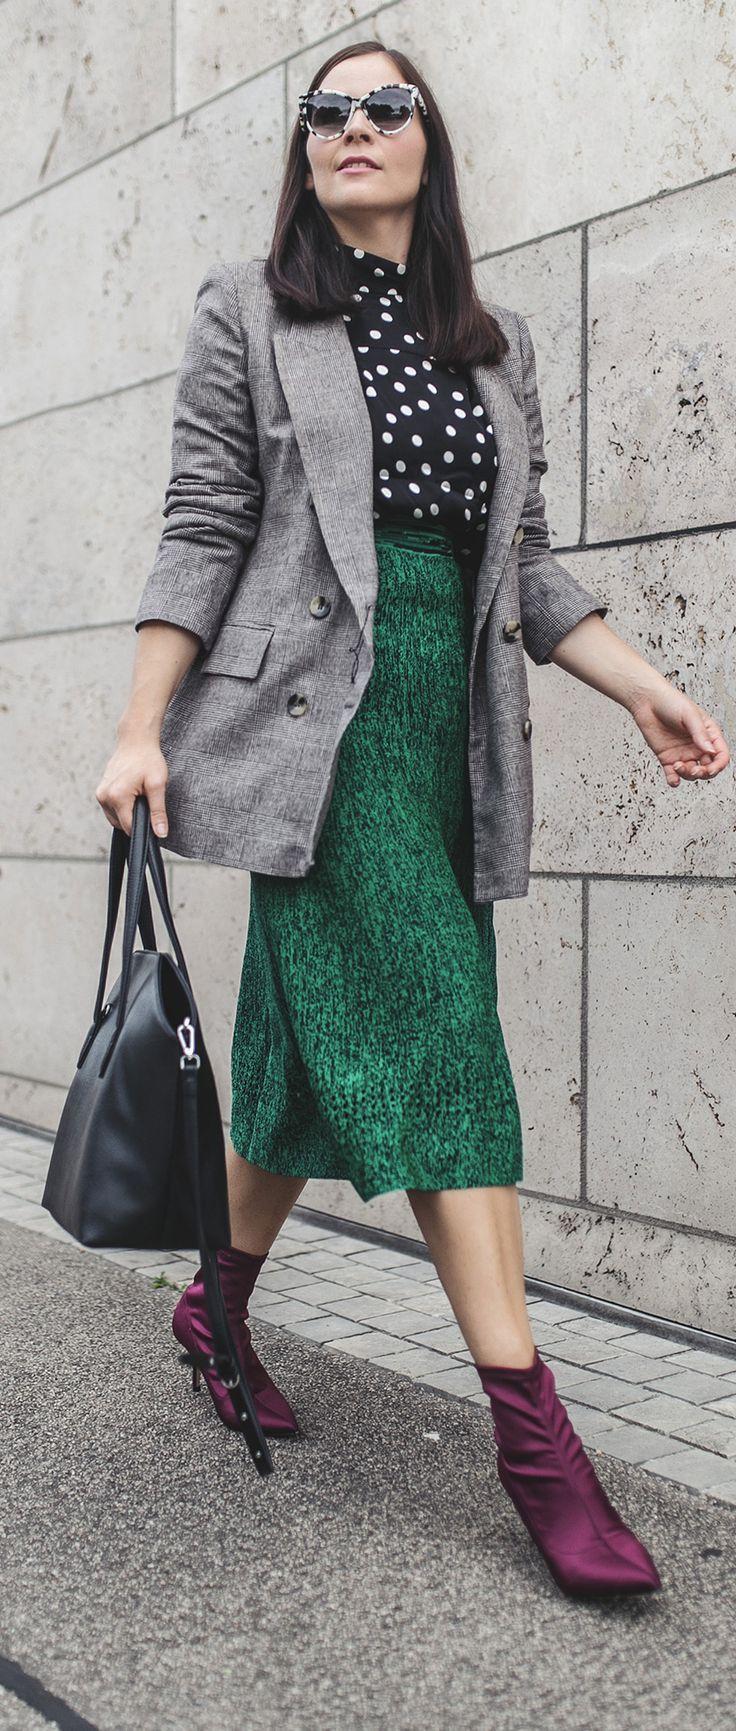 Herbst-Outfit-mit-sandro-rock-stella-mccartney-sonnenbrille-mattandnat-hm-blazer-kleid-mode-blog-fashion-blog-outfit-2017-kleidermaedchen-pinterest-outfit-inspiration-modeblog